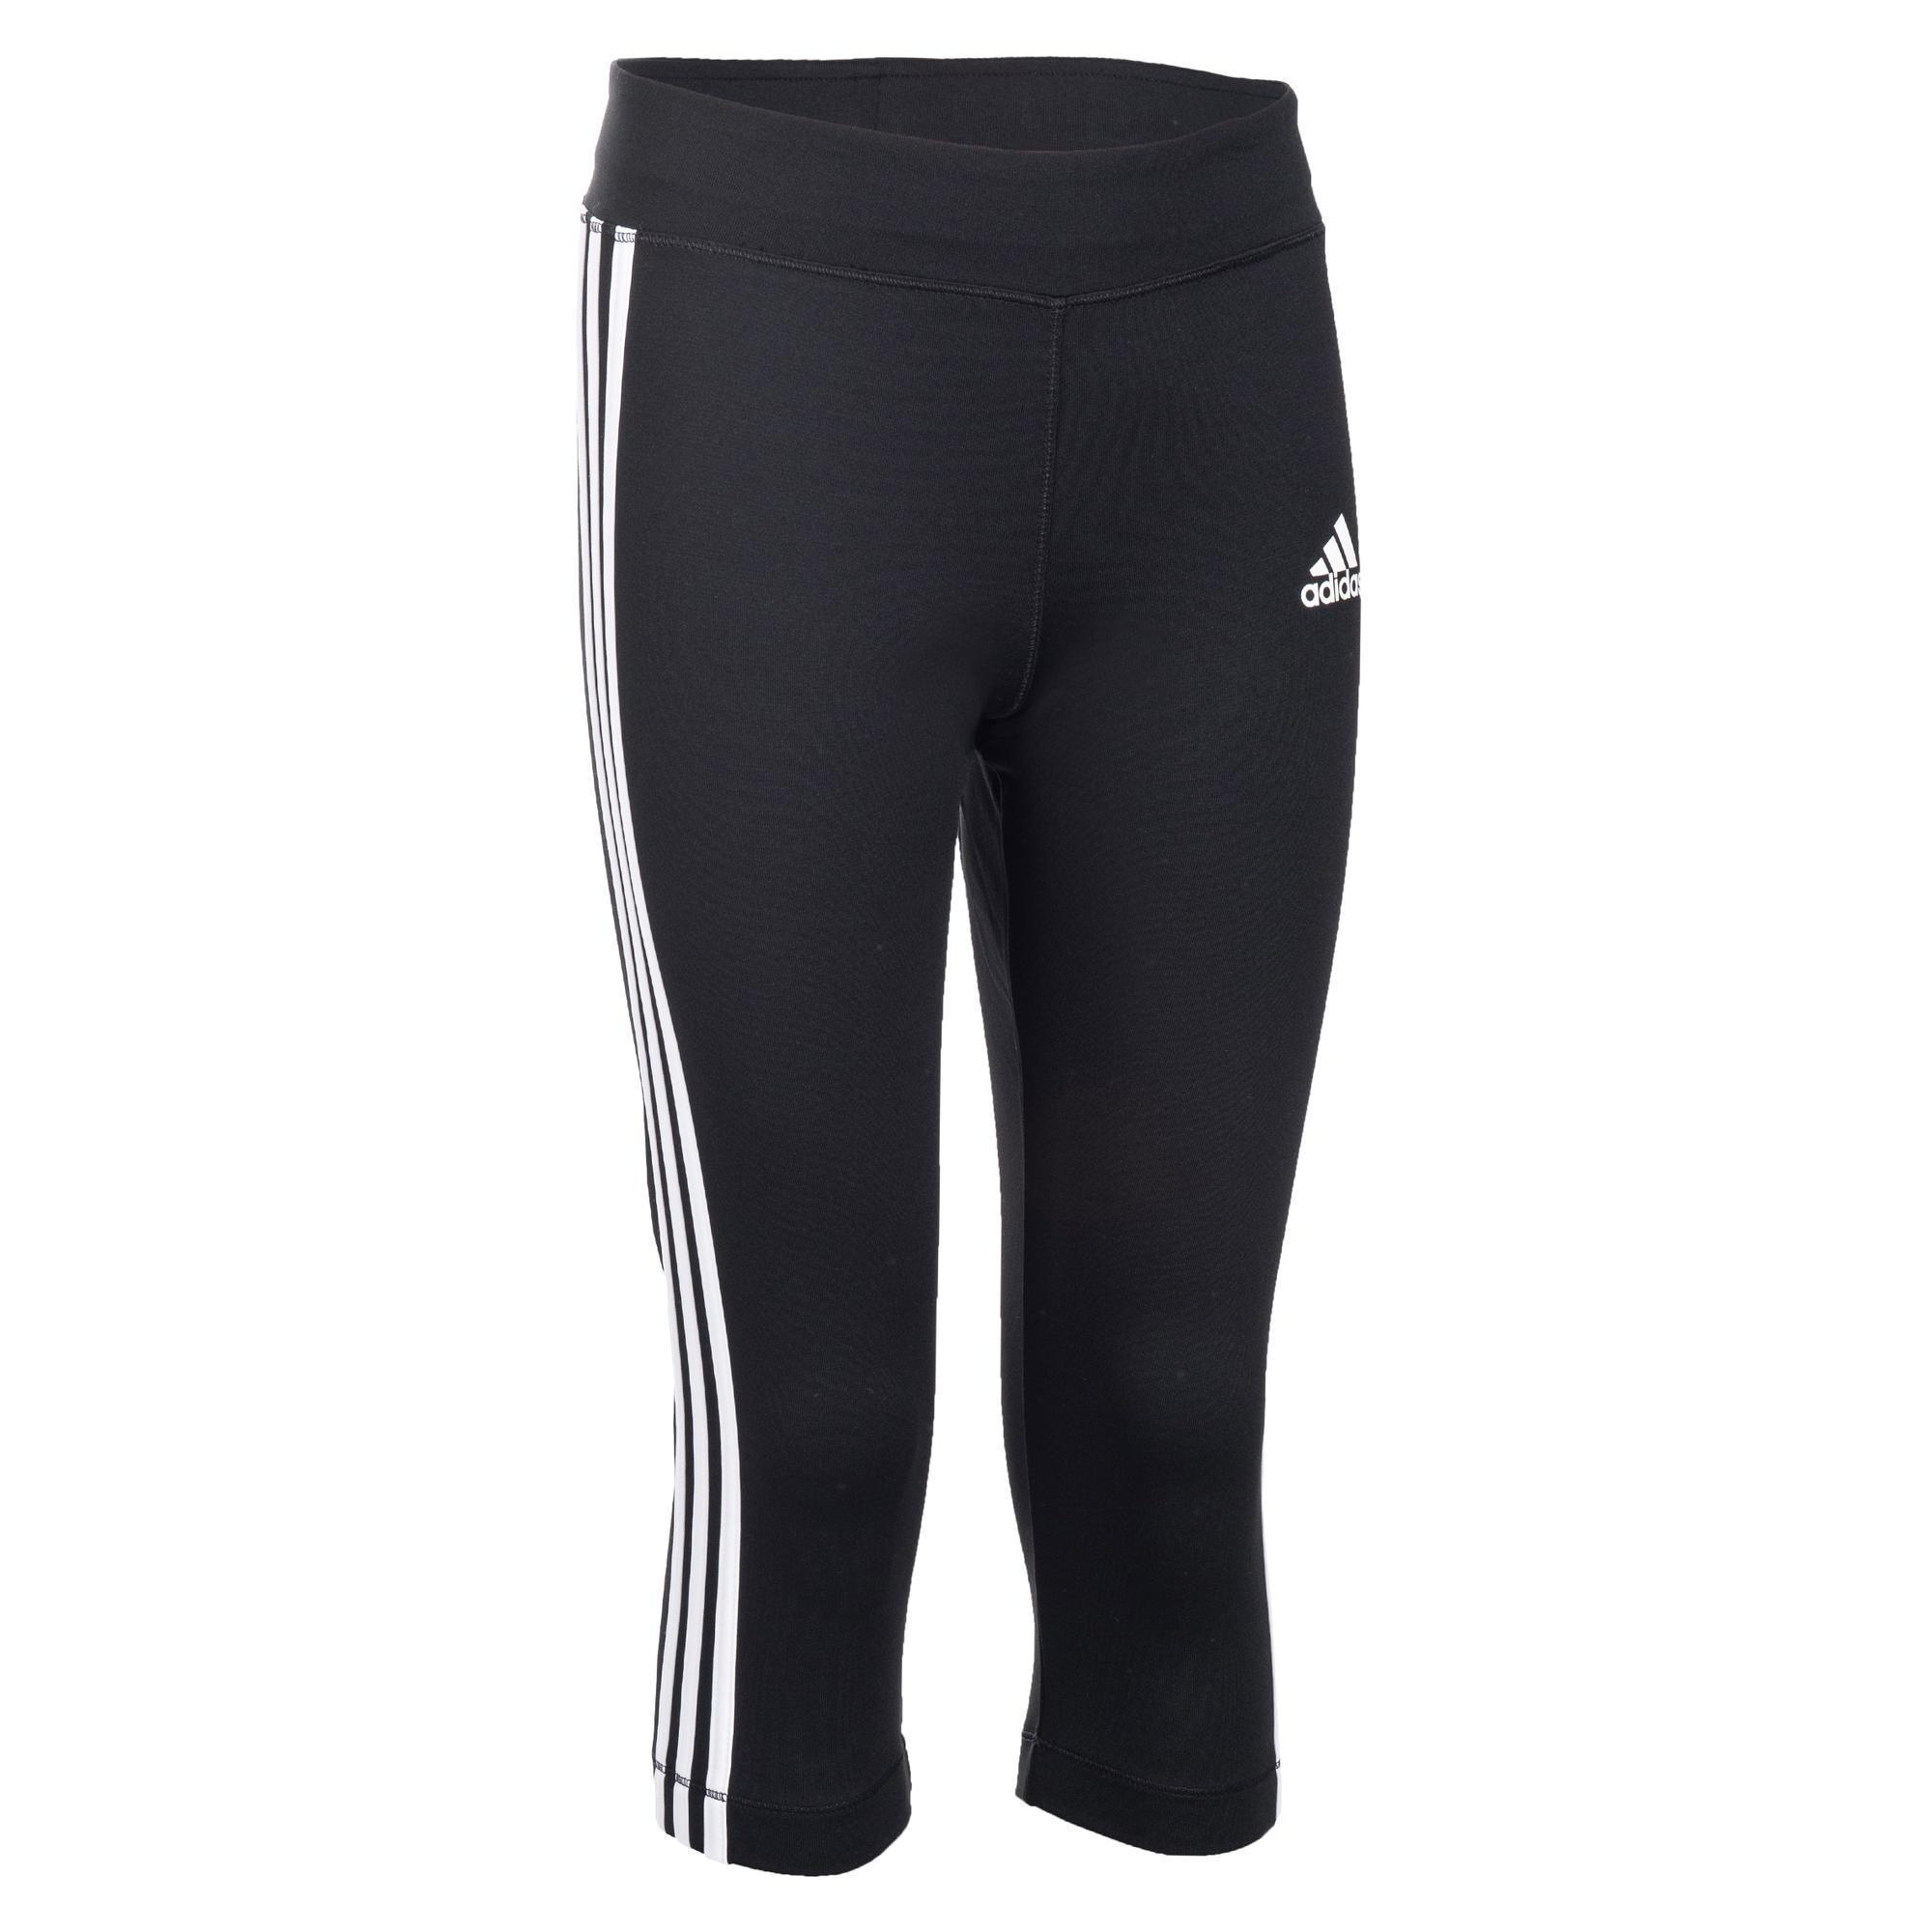 d1663e2fcbc Adidas